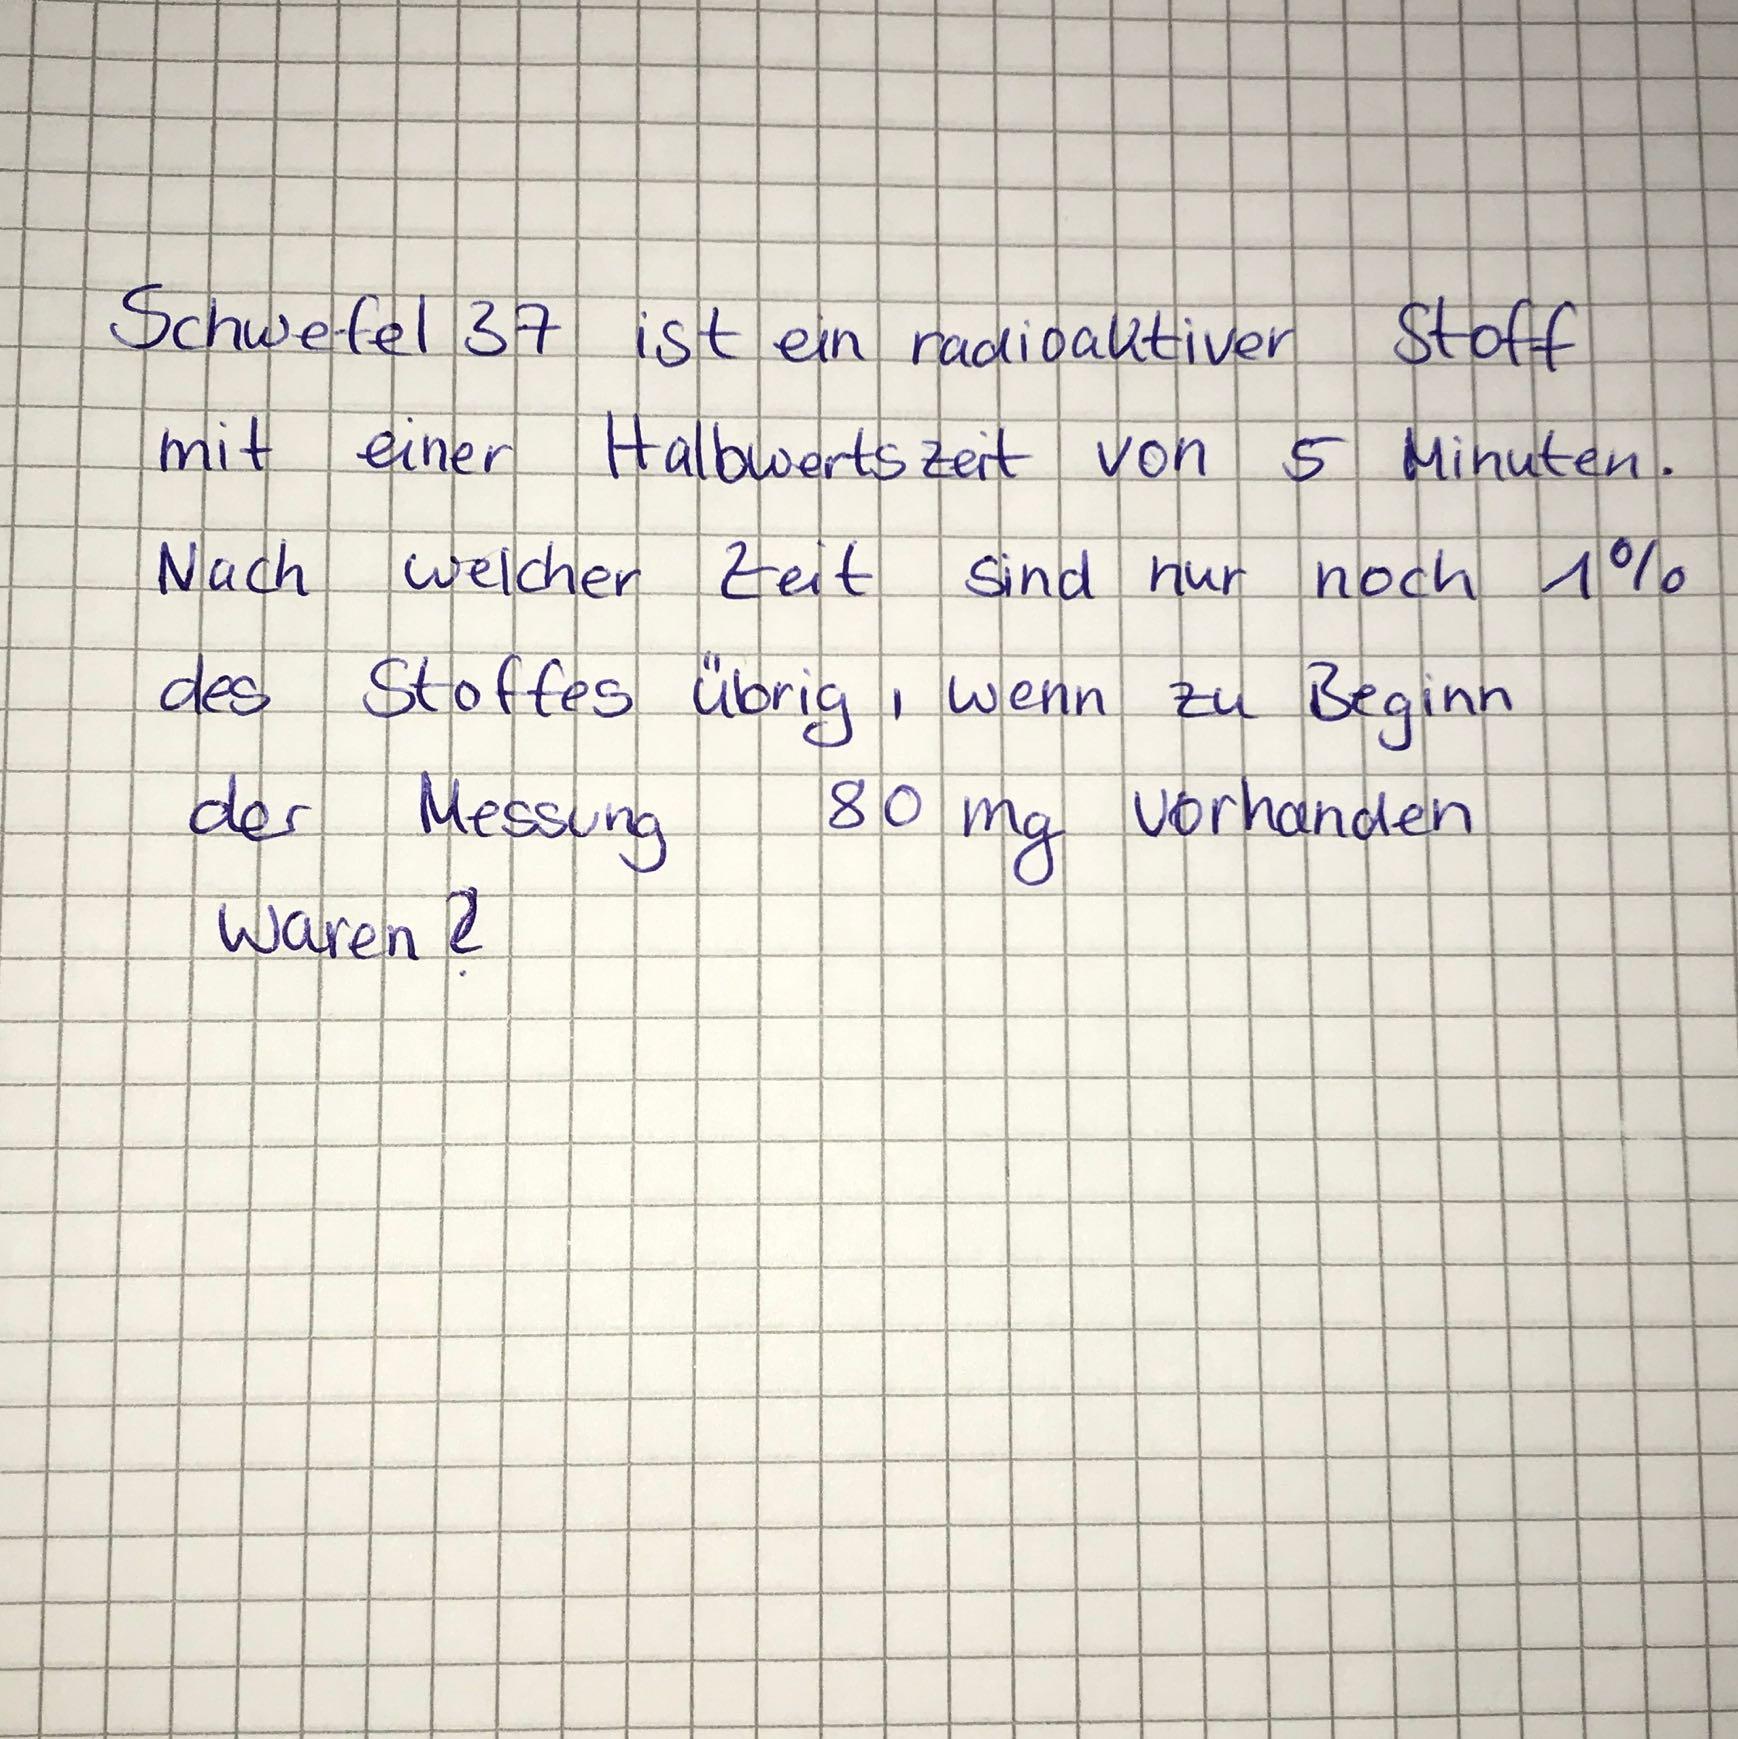 Groß Klasse In Mathe Arbeitsblätter Kostenlos Scalien Spaß Blätter ...